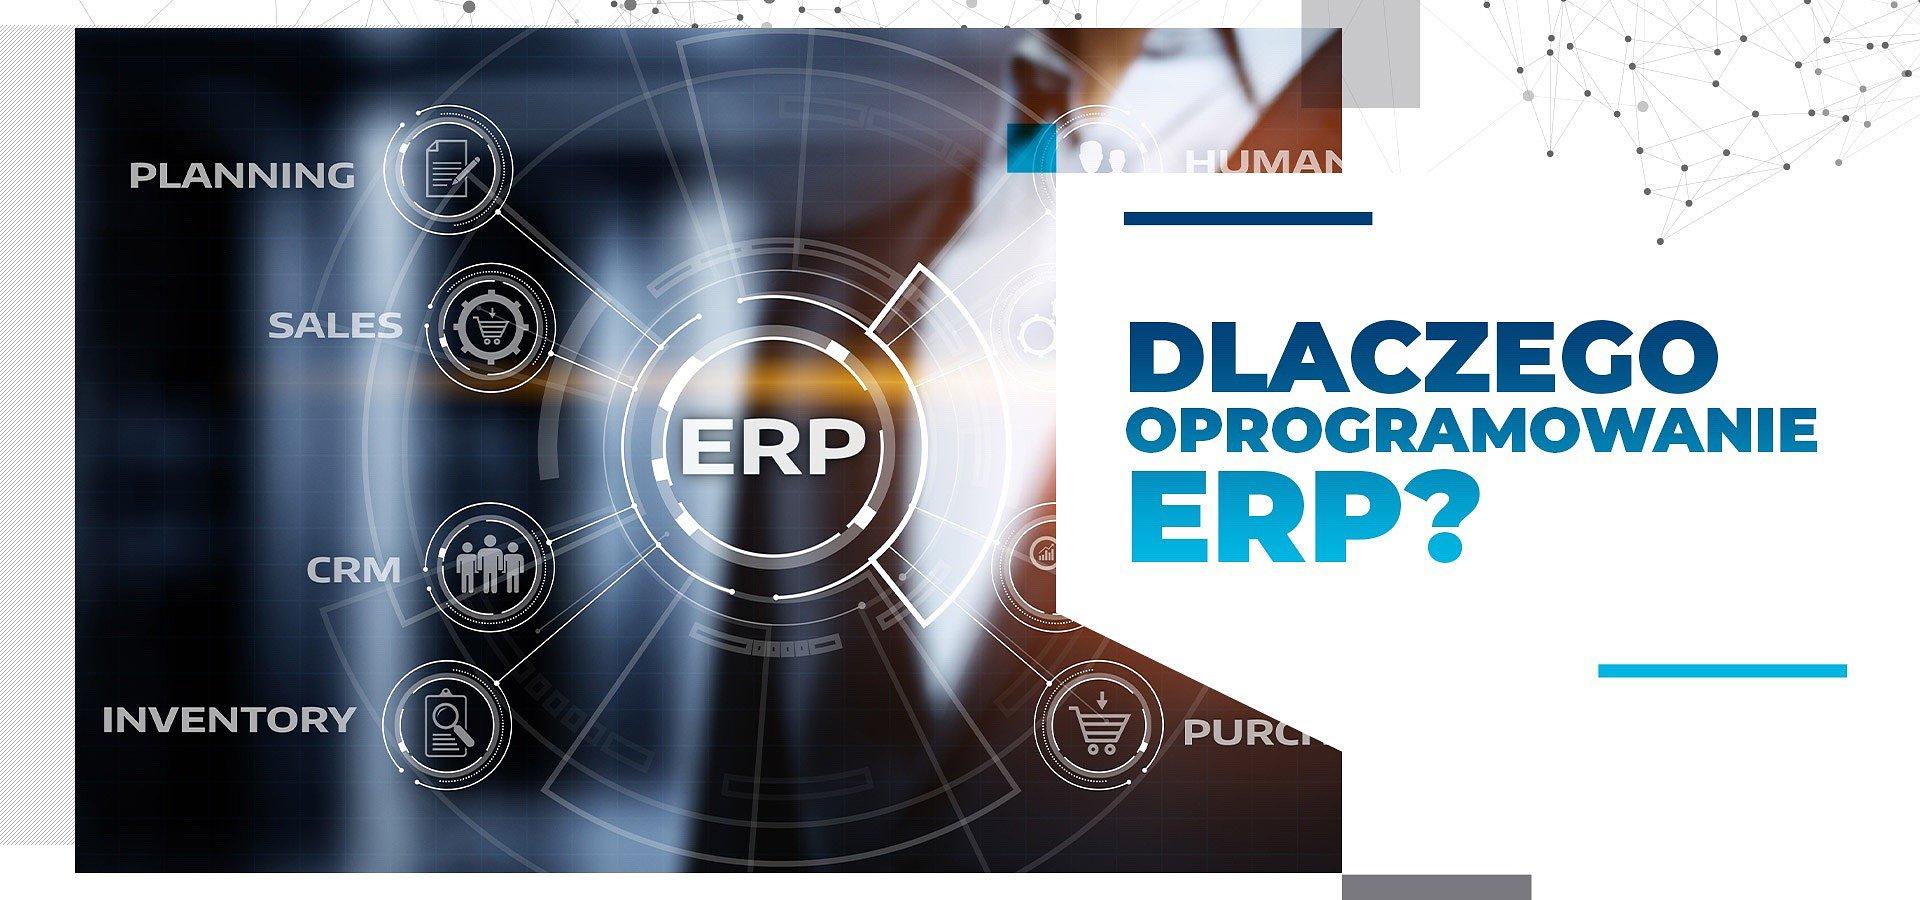 Jak wybrać system ERP? 10 pytań przed zakupem oprogramowania do firmy